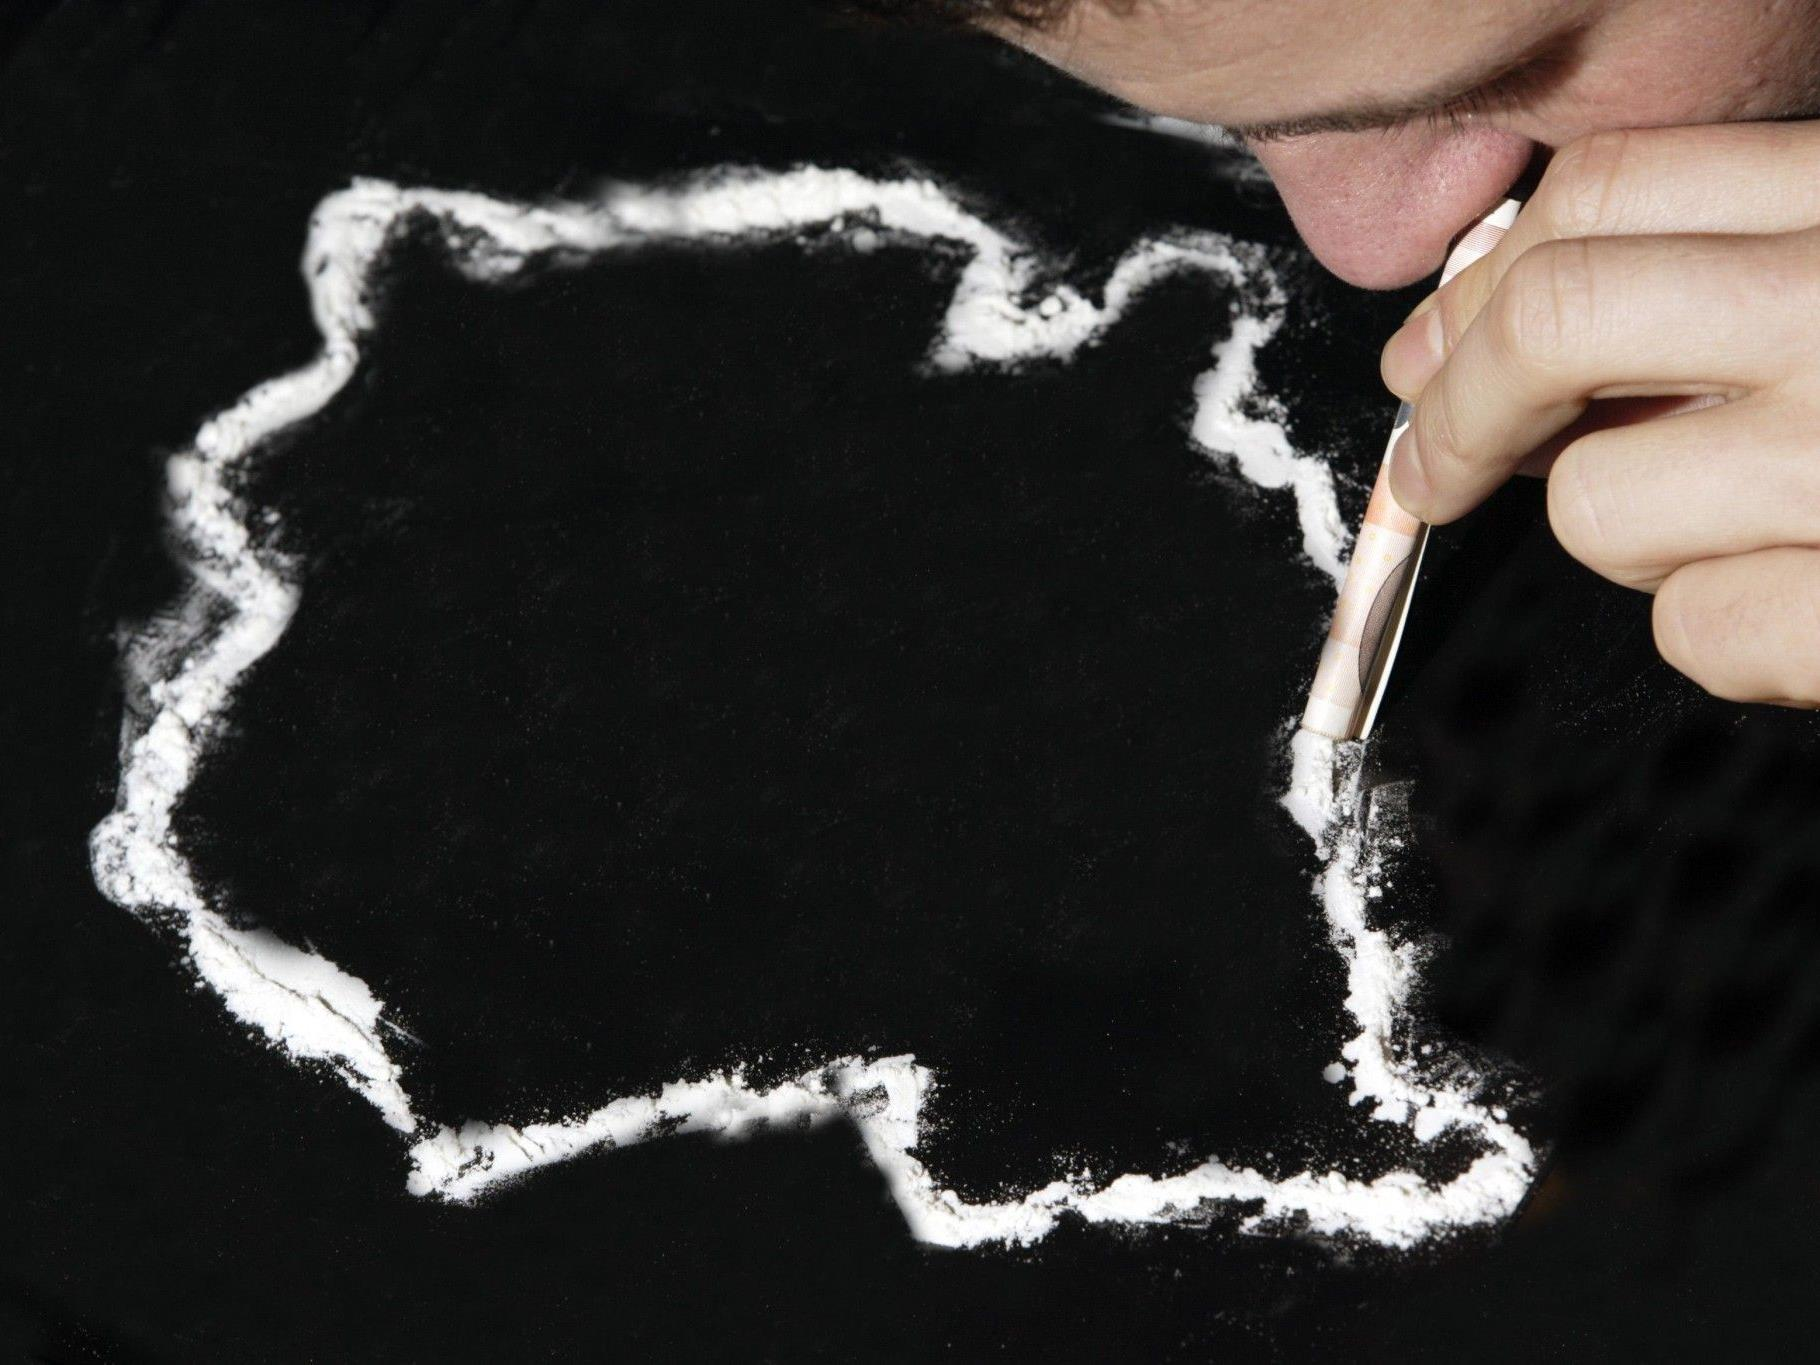 Der Kokainkonsum in Vorarlberg steigt, die Ware kommt aus der Schweiz.